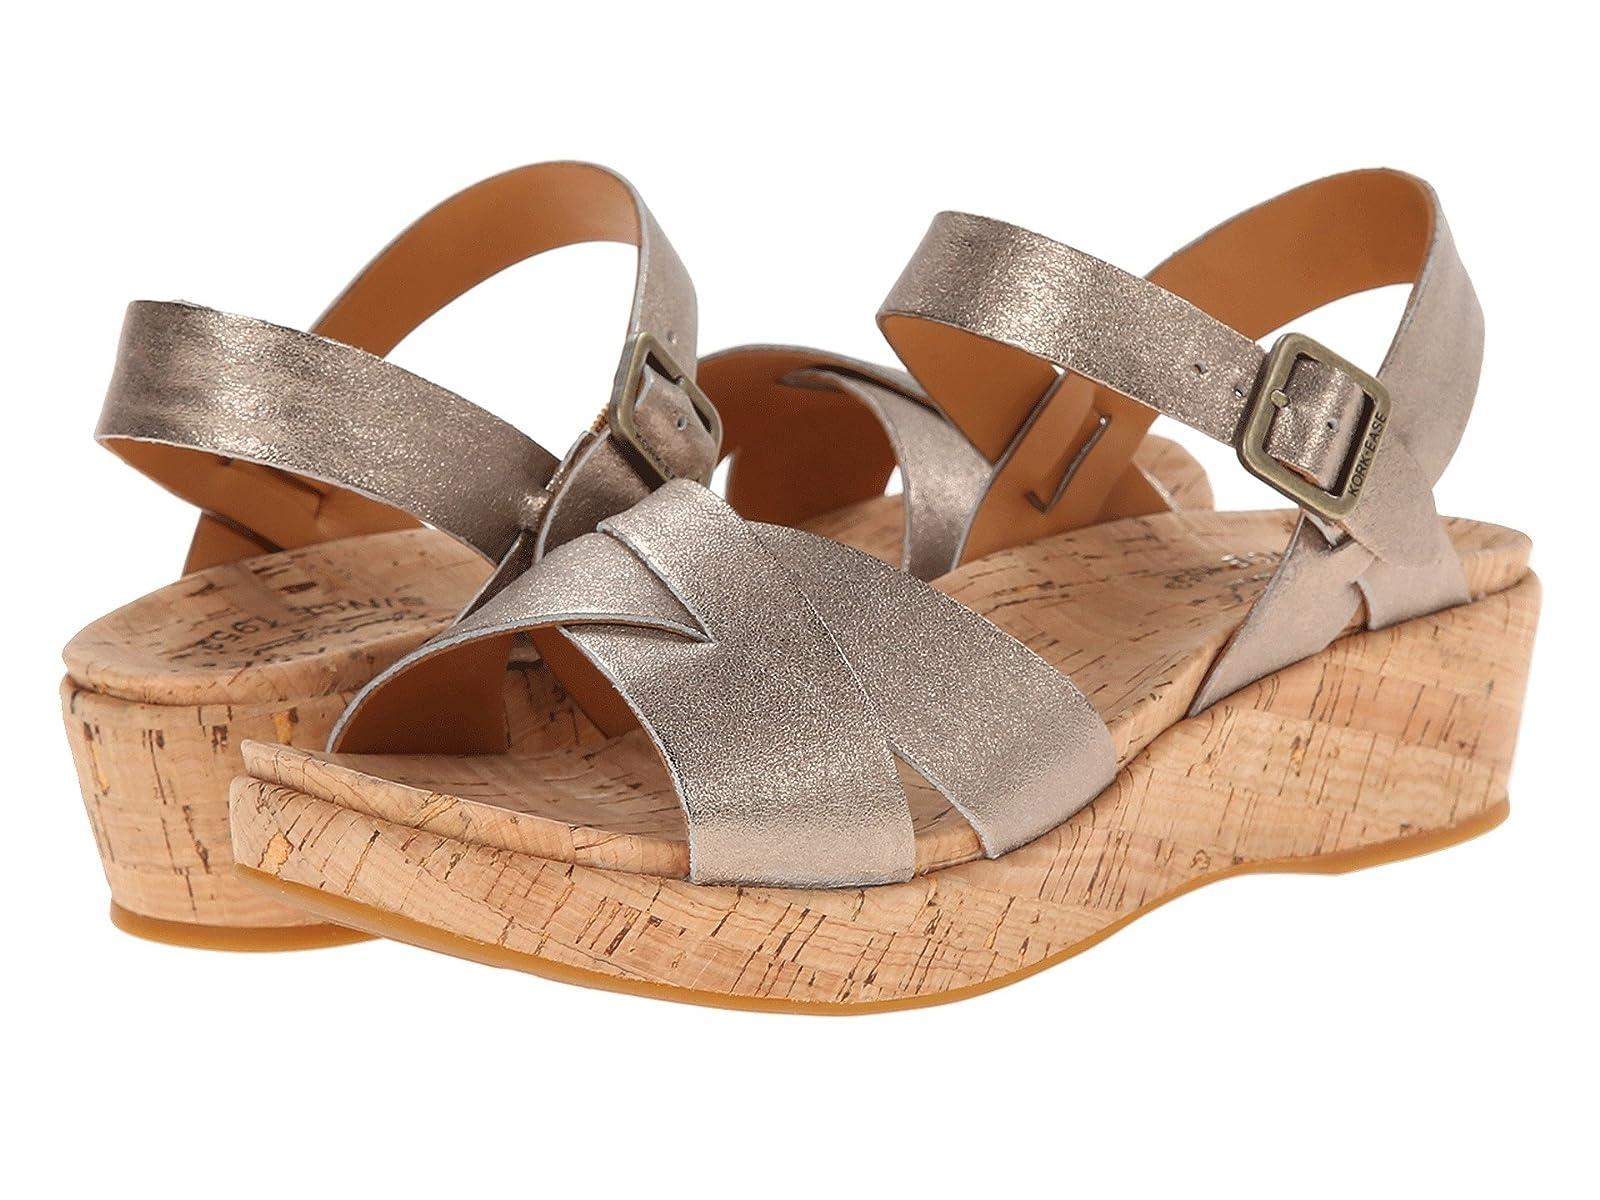 Kork-Ease Myrna 2.0Atmospheric grades have affordable shoes